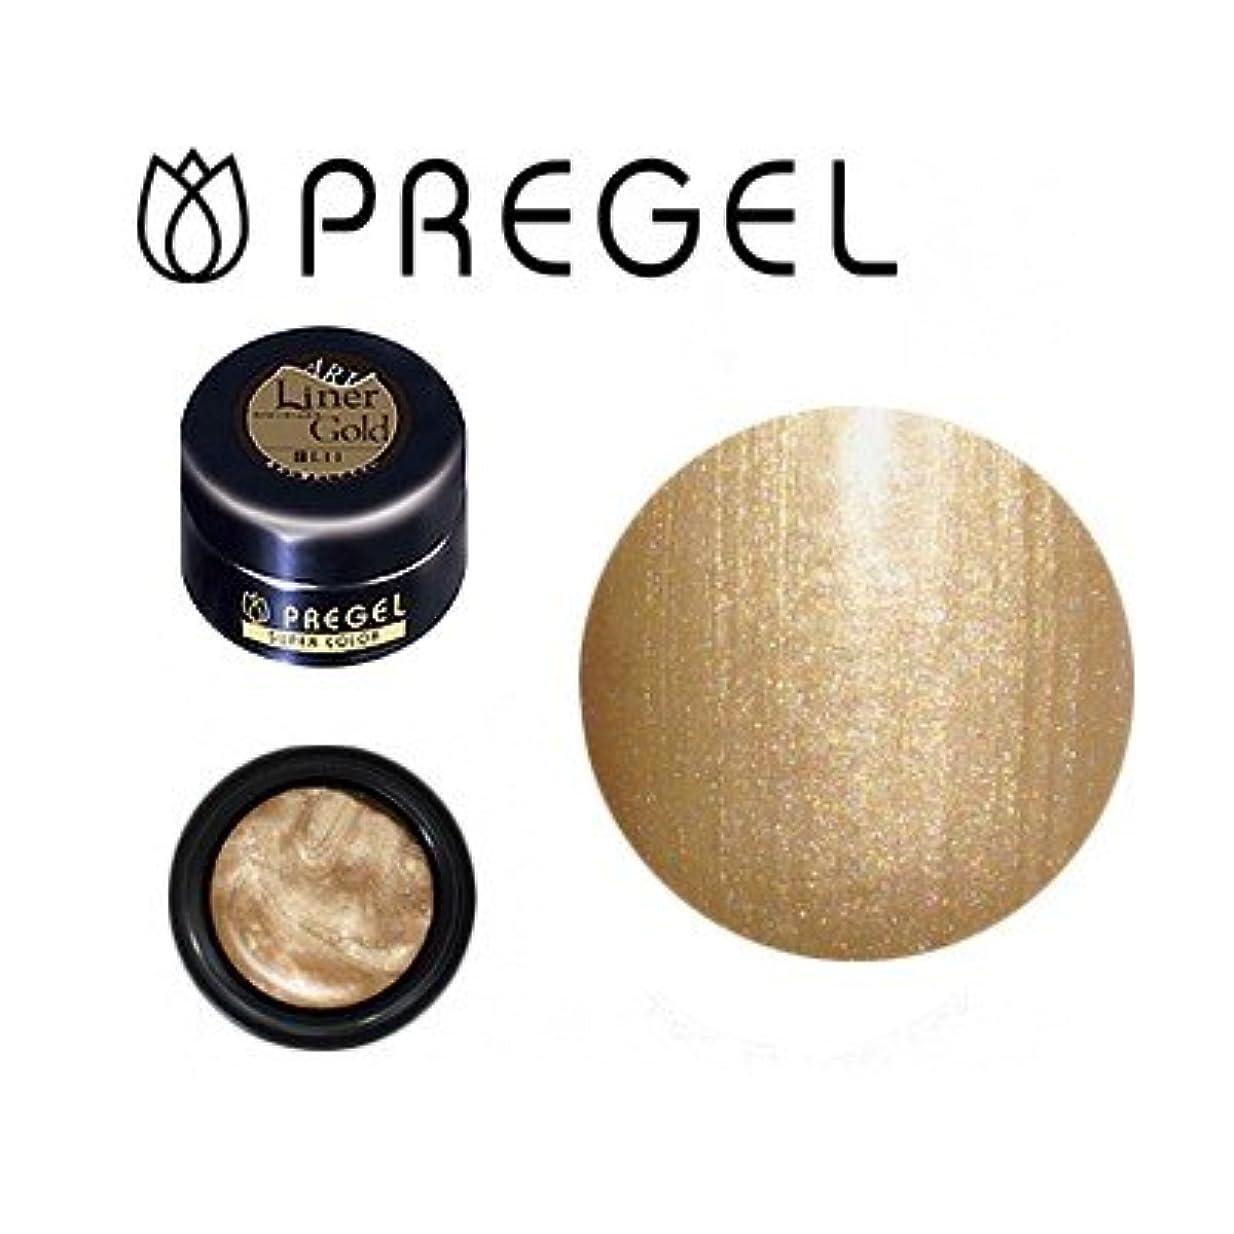 バンドパドル懇願するジェルネイル カラージェル プリジェル PREGEL スーパーカラーEx ライナーゴールド-P 4g